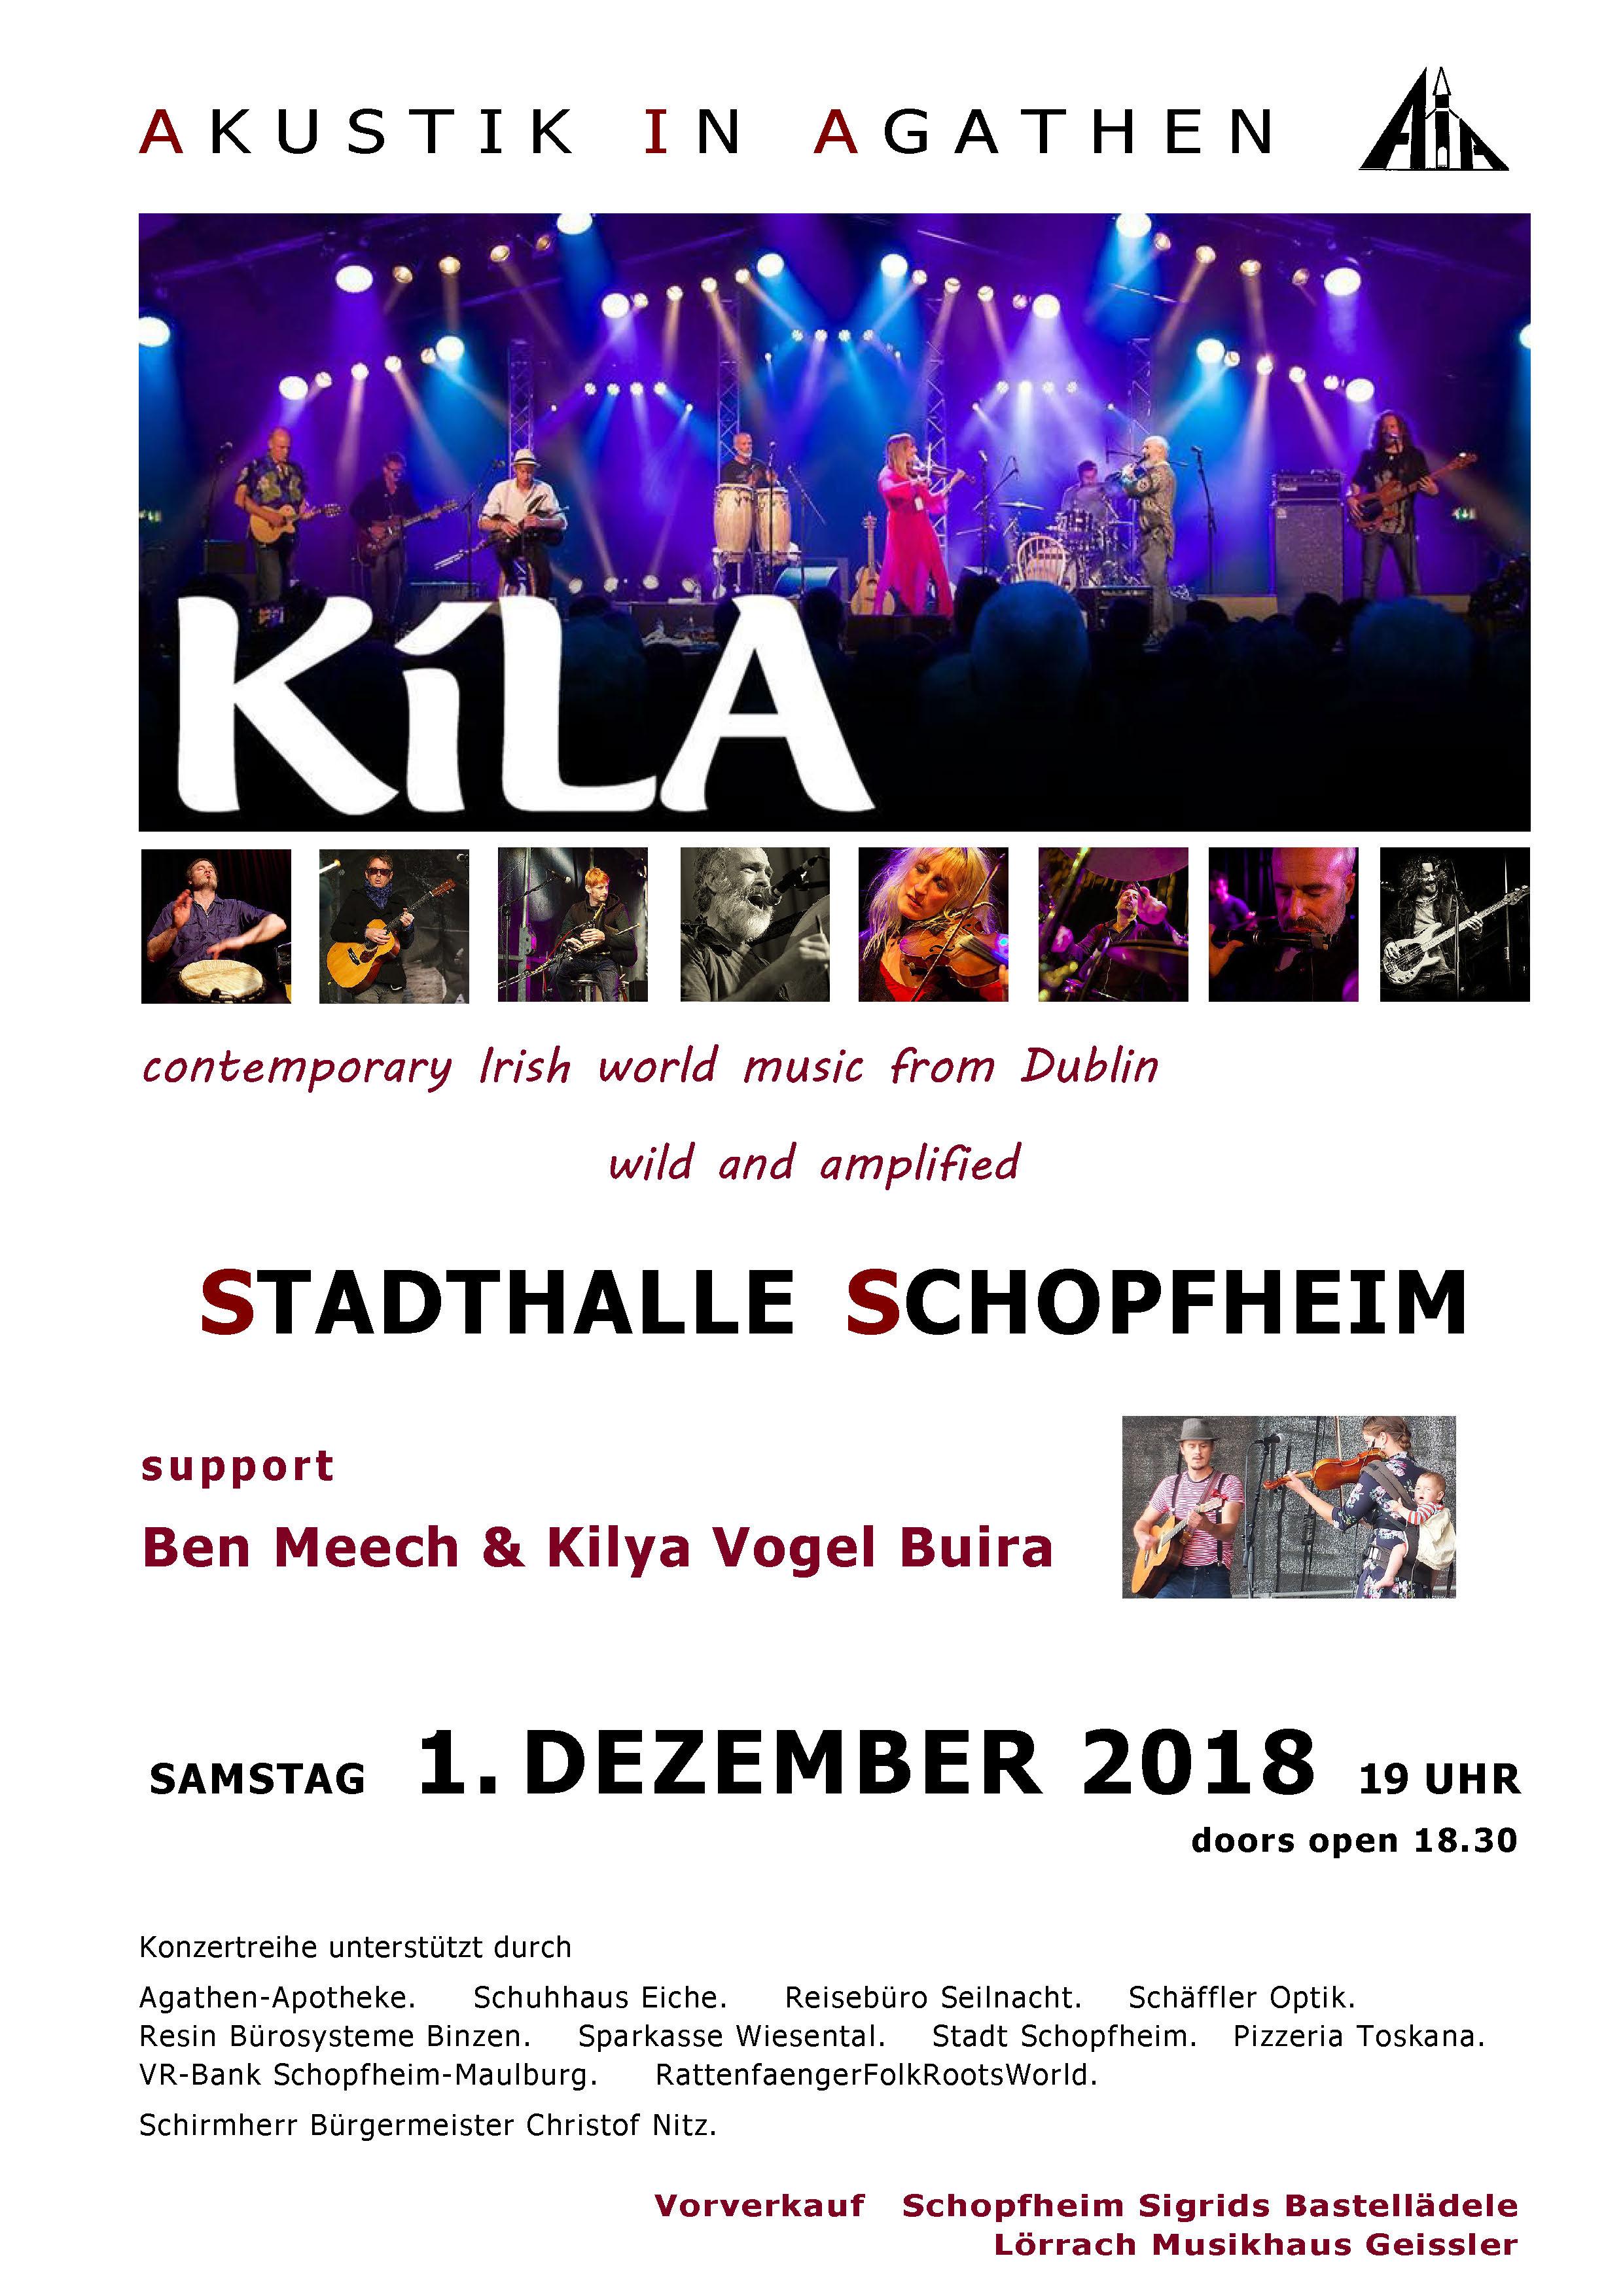 Akustik in Agathen - KILA - Amplified in Schopfheim